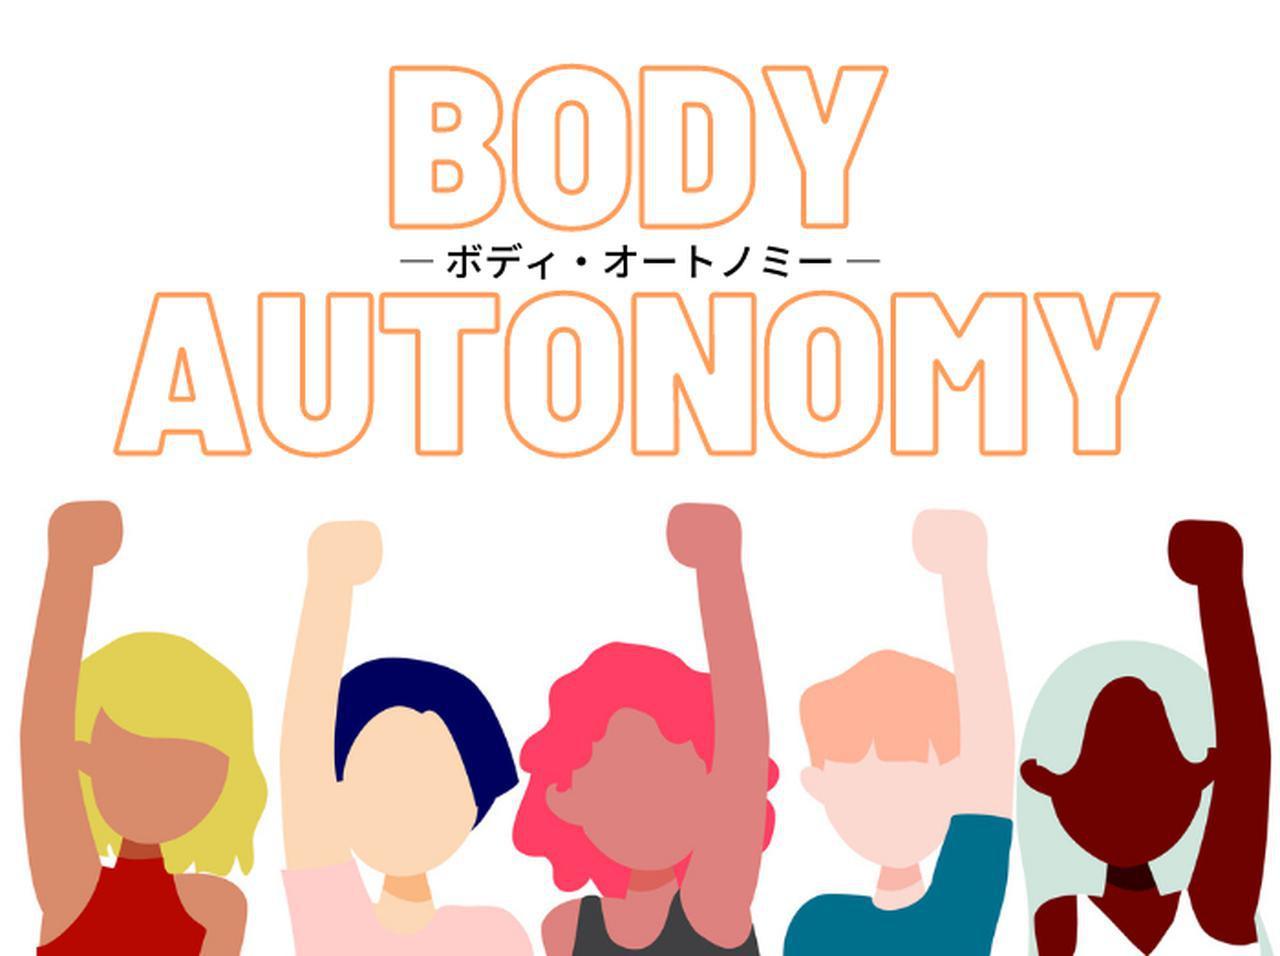 画像: 「ボディ・オートノミー/からだの自己決定権」って何?性的虐待を防ぐためにも子供たちに教えたい